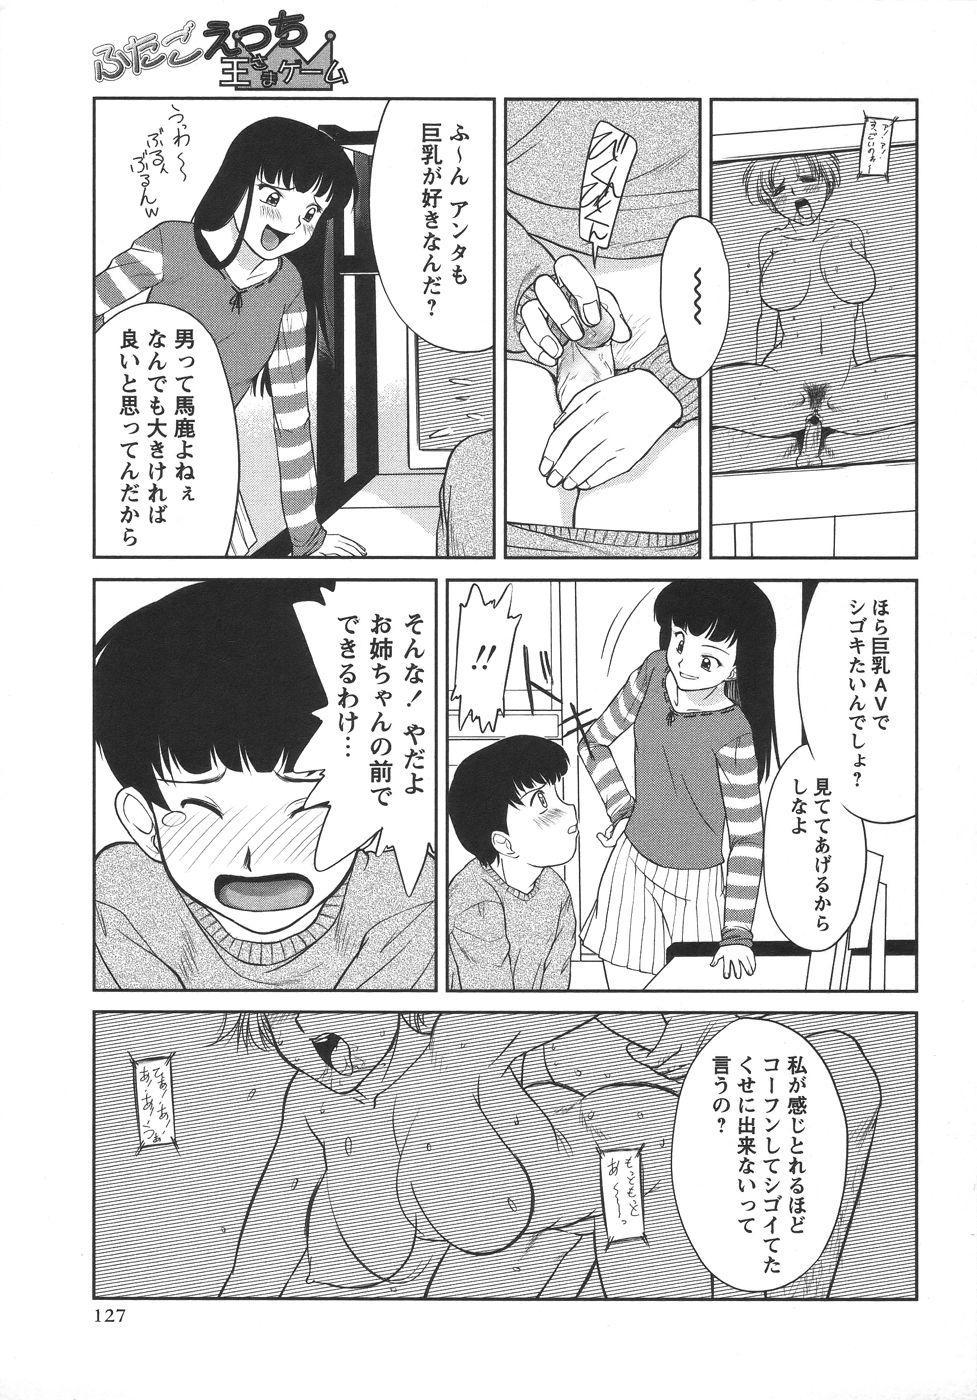 Comic Masyo 2006-06 126